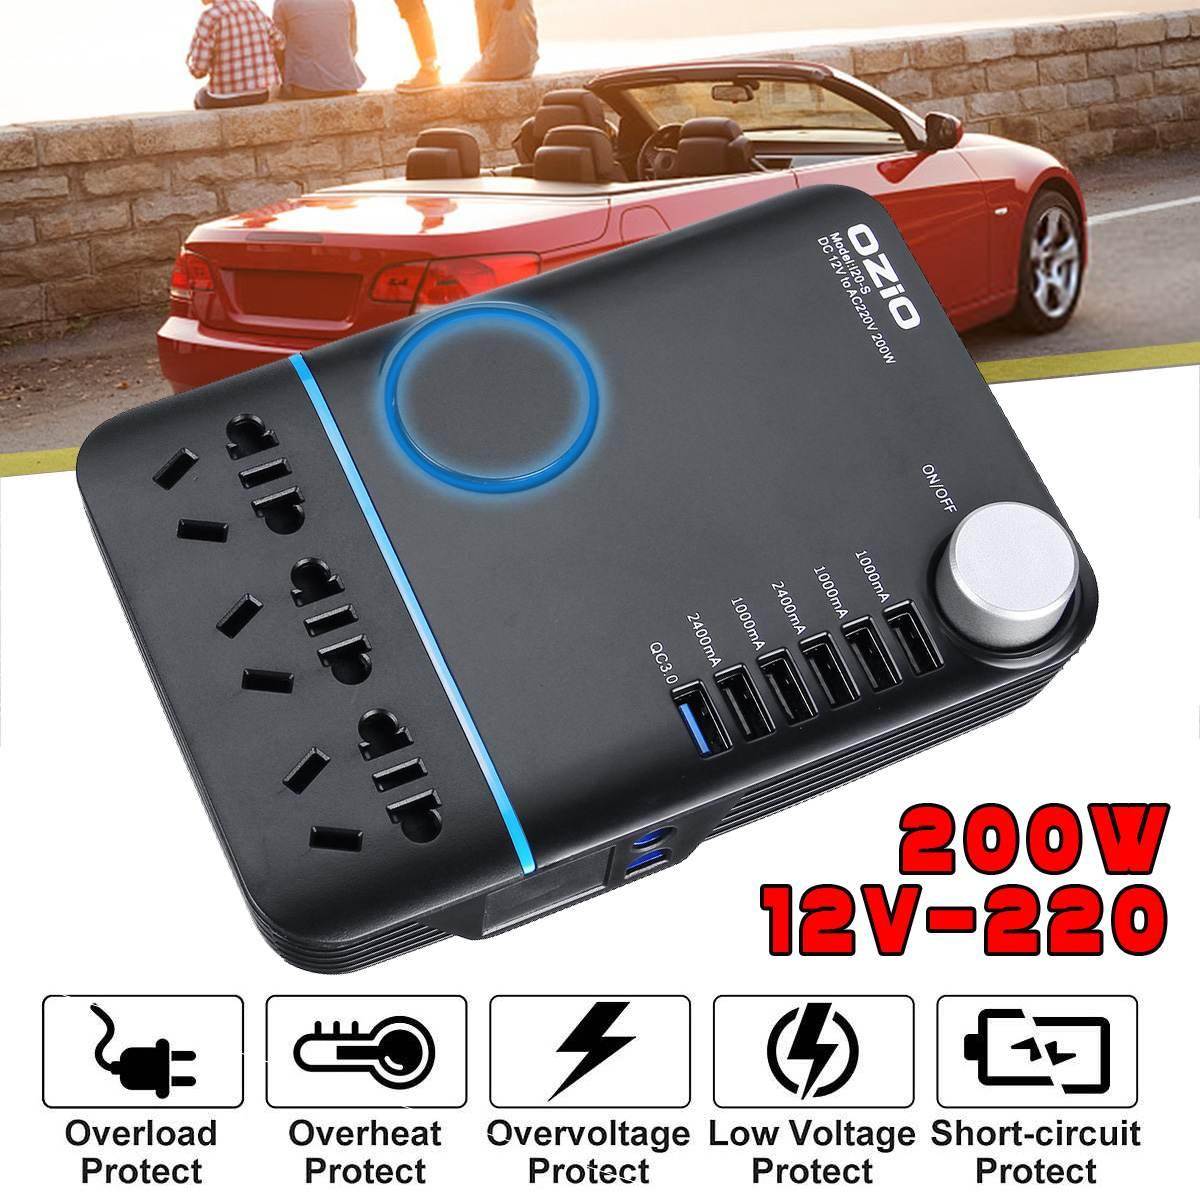 Ozio 200W автомобильный инвертор для прикуривателя DC 12V To AC 220V преобразователь, зарядное устройство, адаптер трансформатор Зажигалка Разъем USB выход